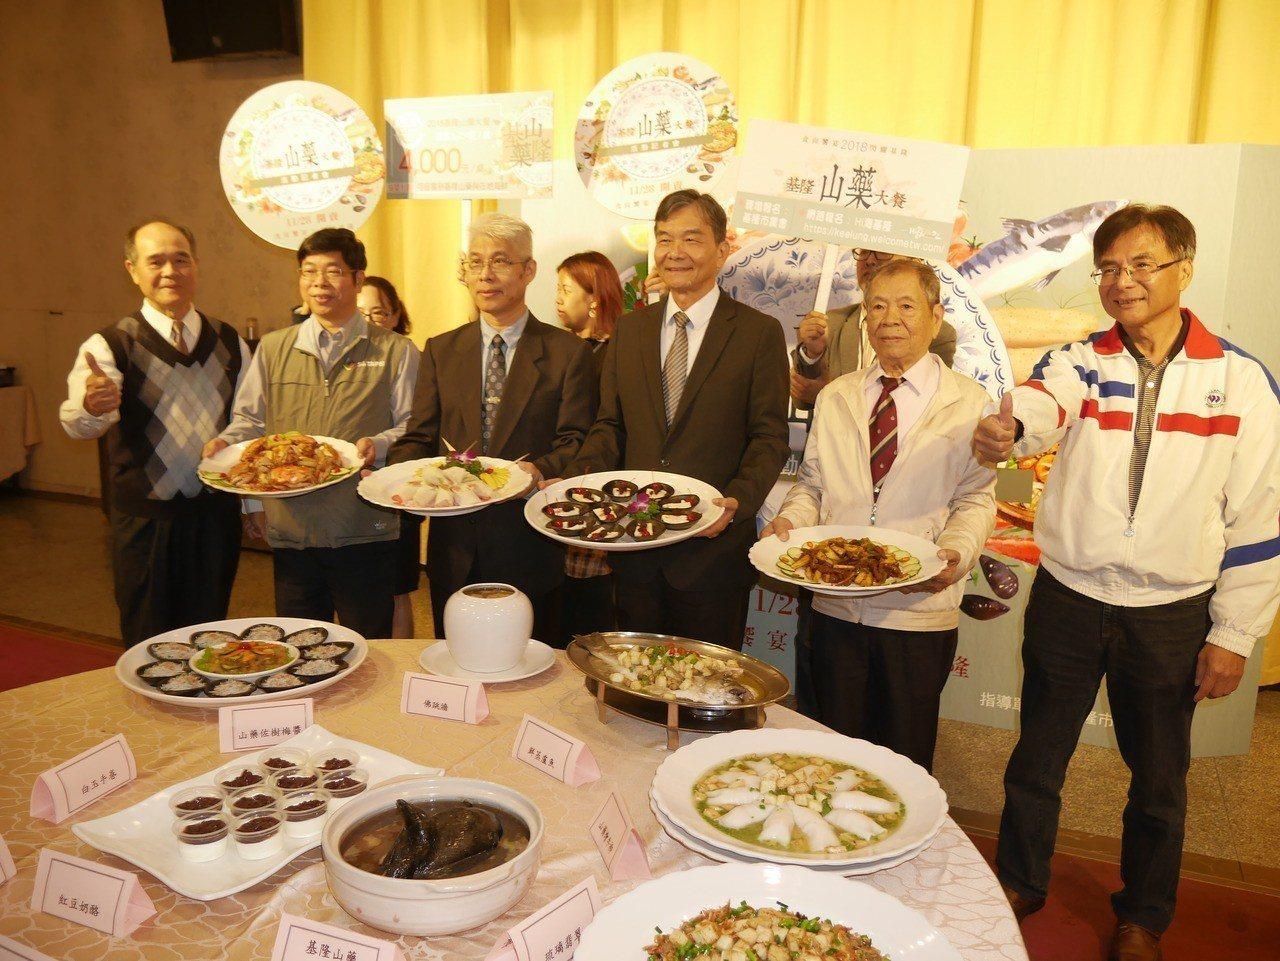 年年秒殺的基隆市山藥大餐又來了,一百桌將於12月9日登場,11月28日開賣,市府...